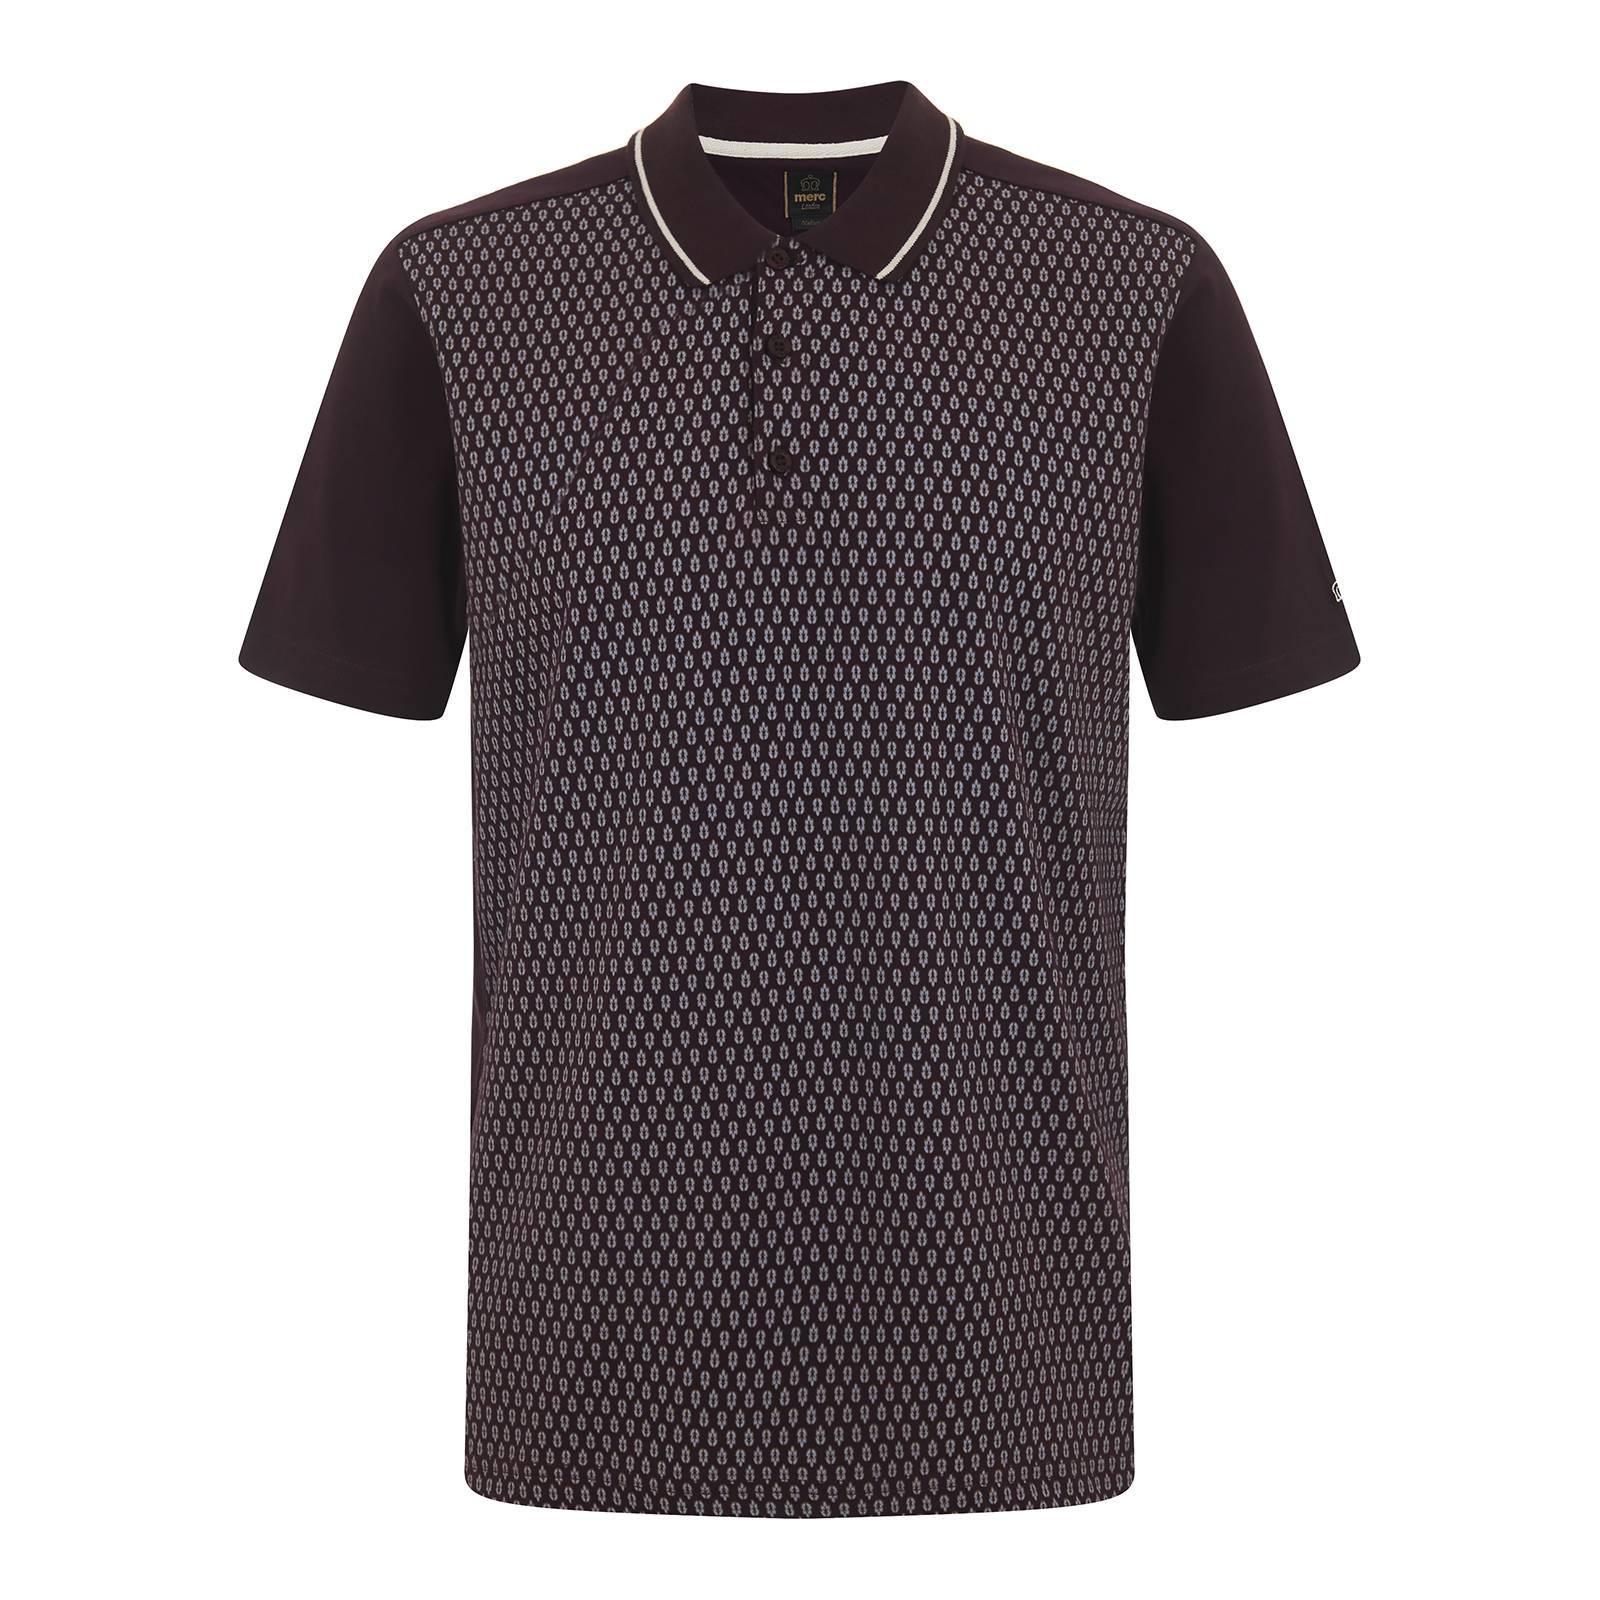 Рубашка Поло WilkinsПоло<br><br><br>Артикул: 1915205<br>Материал: 100% хлопок<br>Цвет: темно-бордовый<br>Пол: Мужской